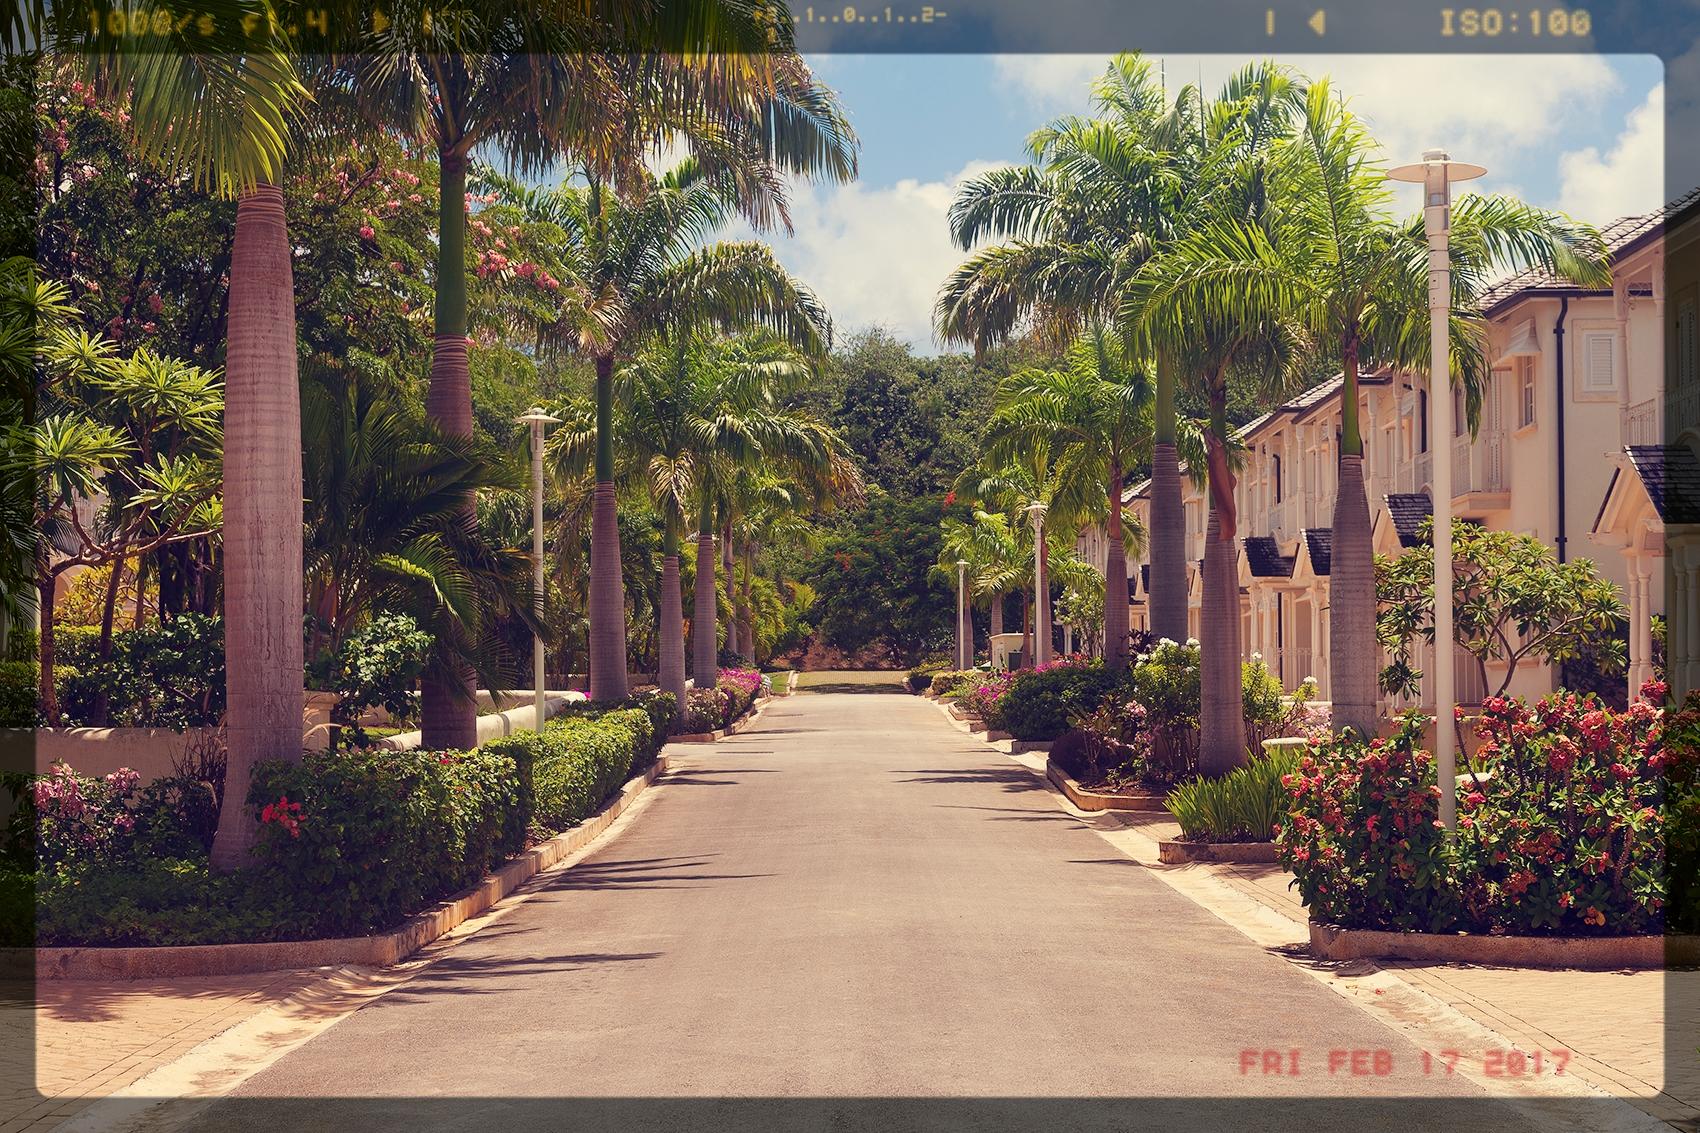 battaleys street.jpg